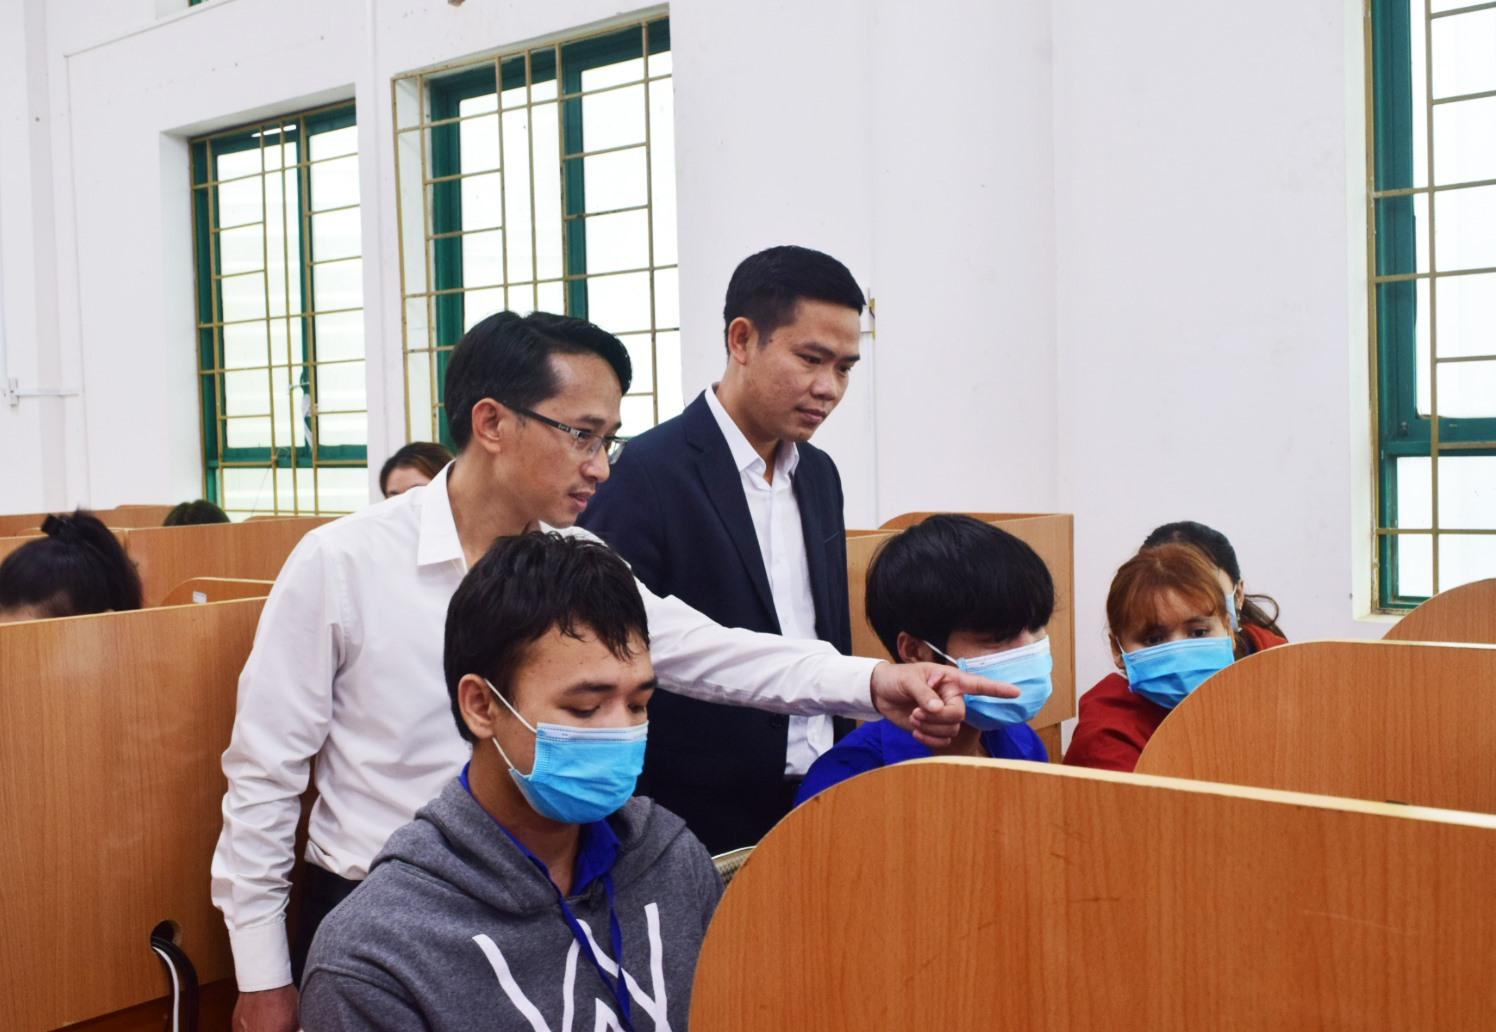 """Phát động chương trình """"Mỗi thanh niên một ý tưởng sáng tạo"""" trong sinh viên Trường Đại học Quảng Nam. Ảnh: THÁI CƯỜNG"""